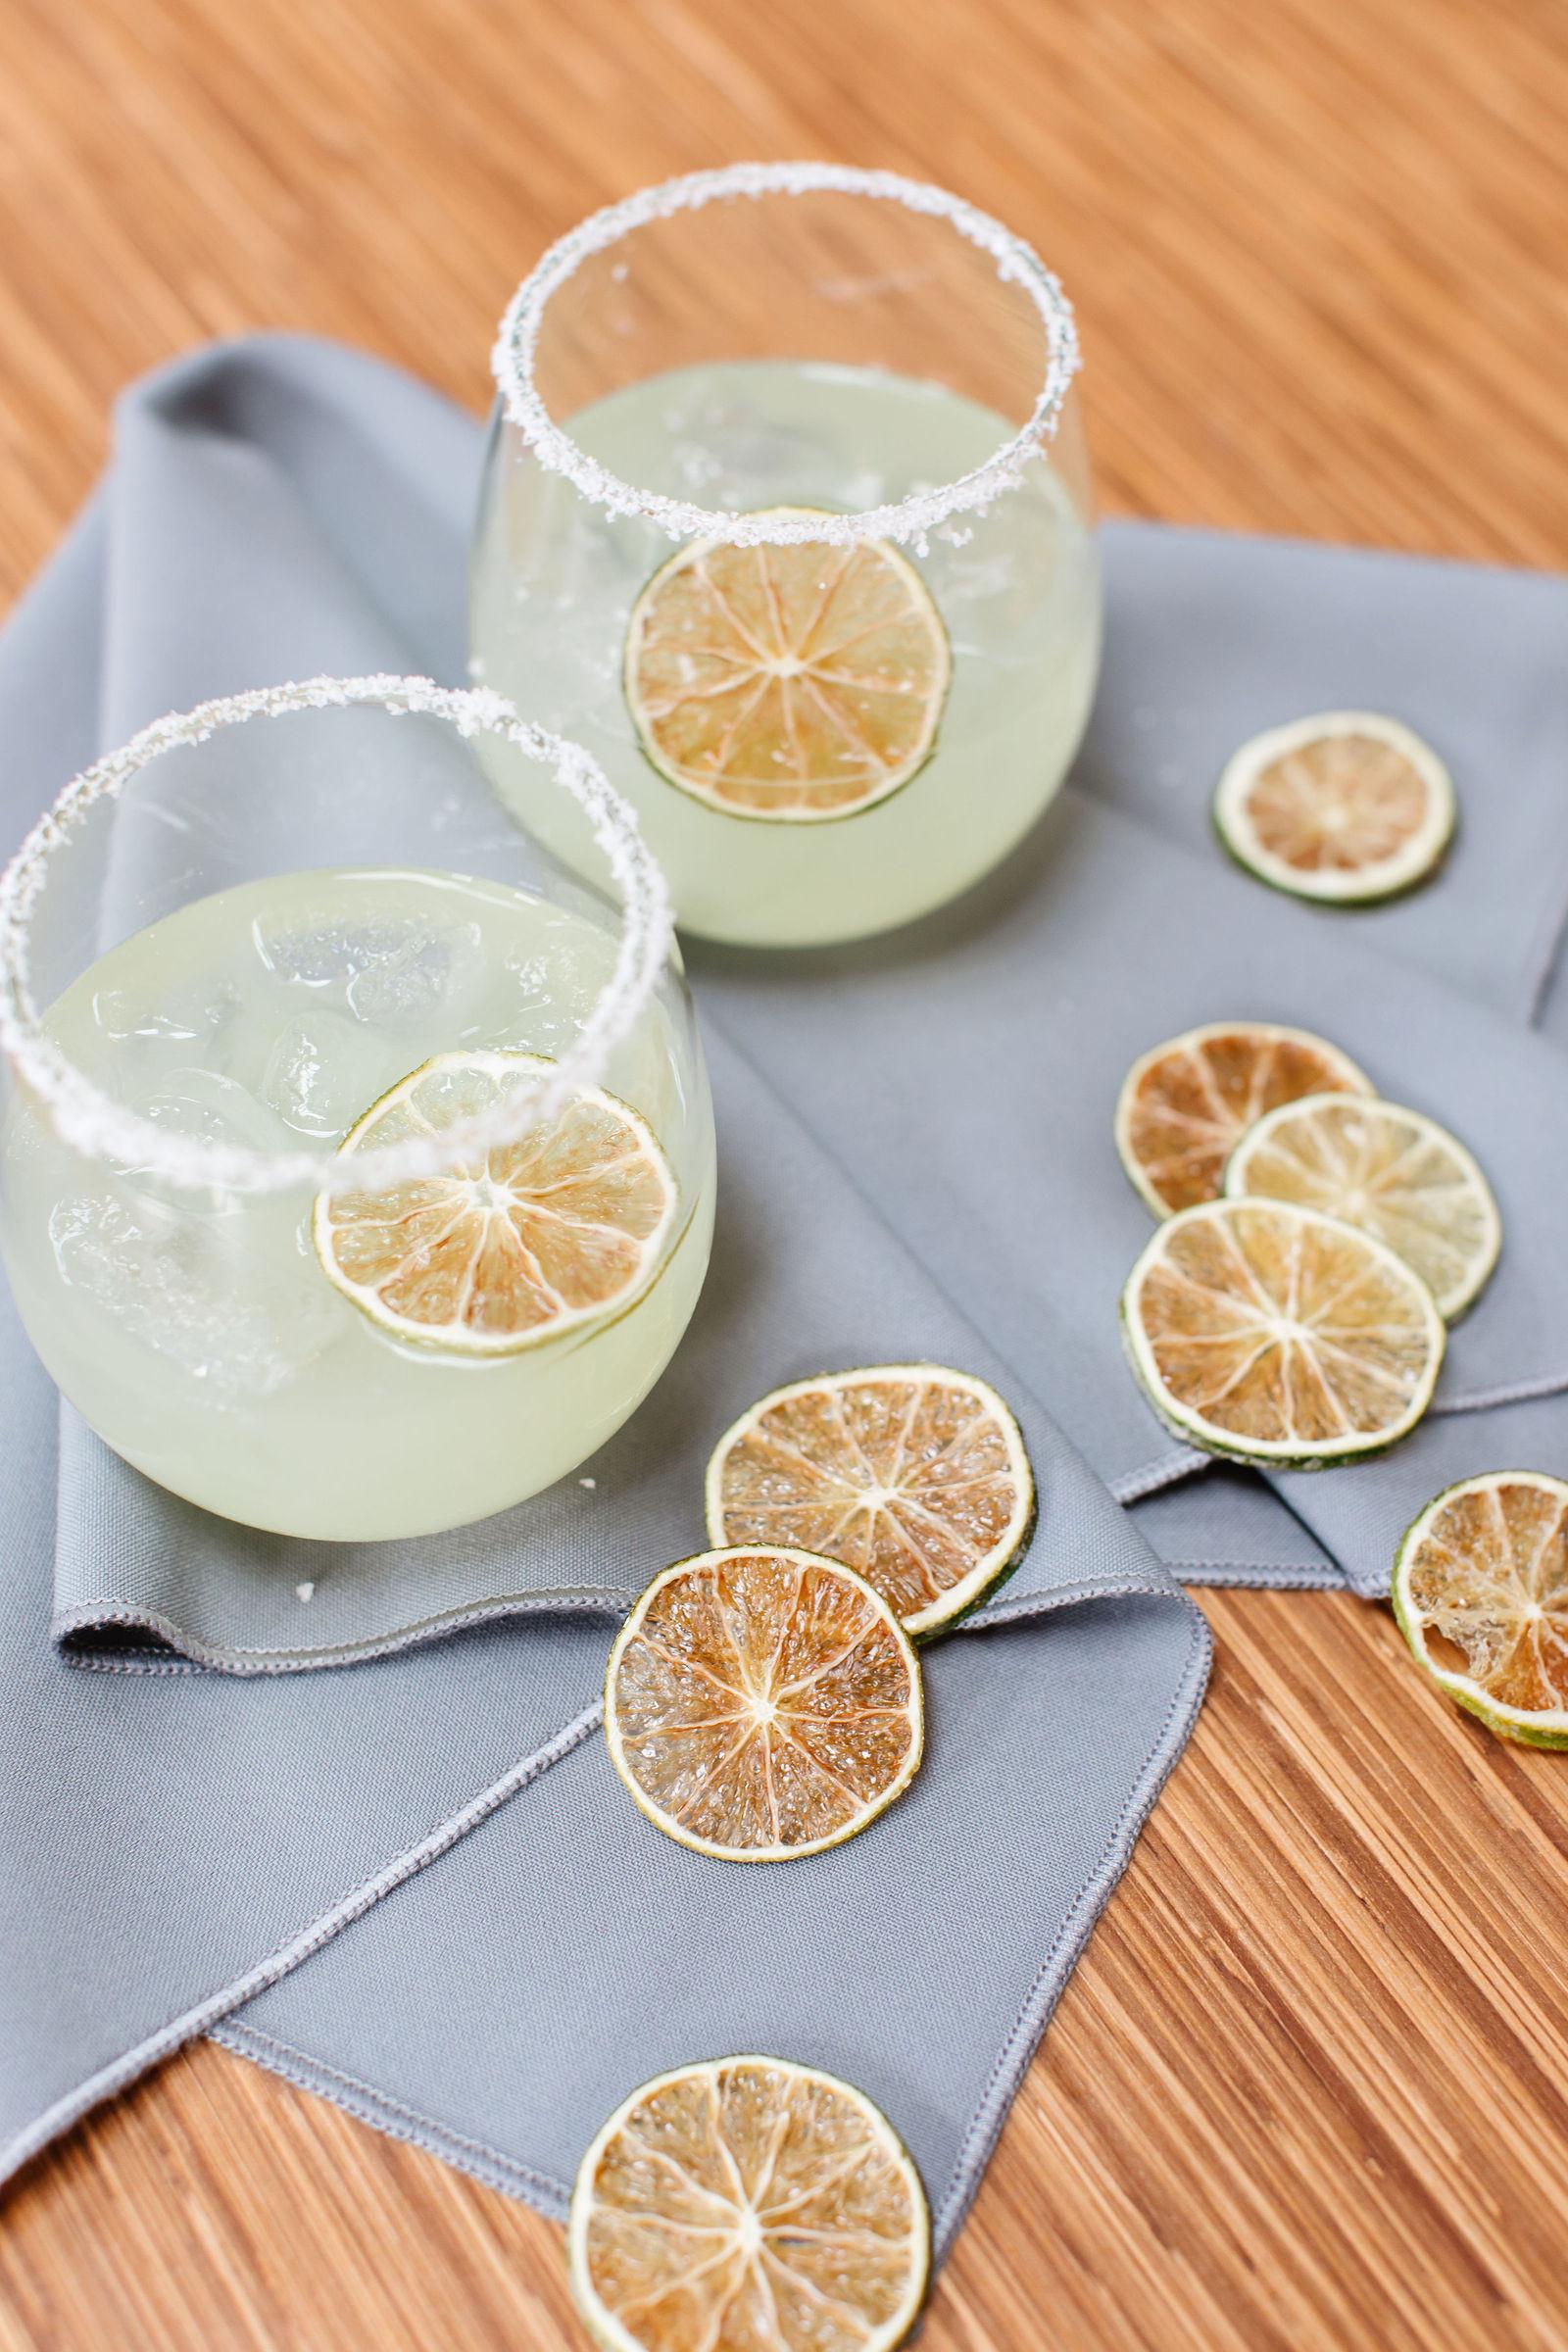 katie+lee+wlabs+honeydew+margaritas+recipe.jpg